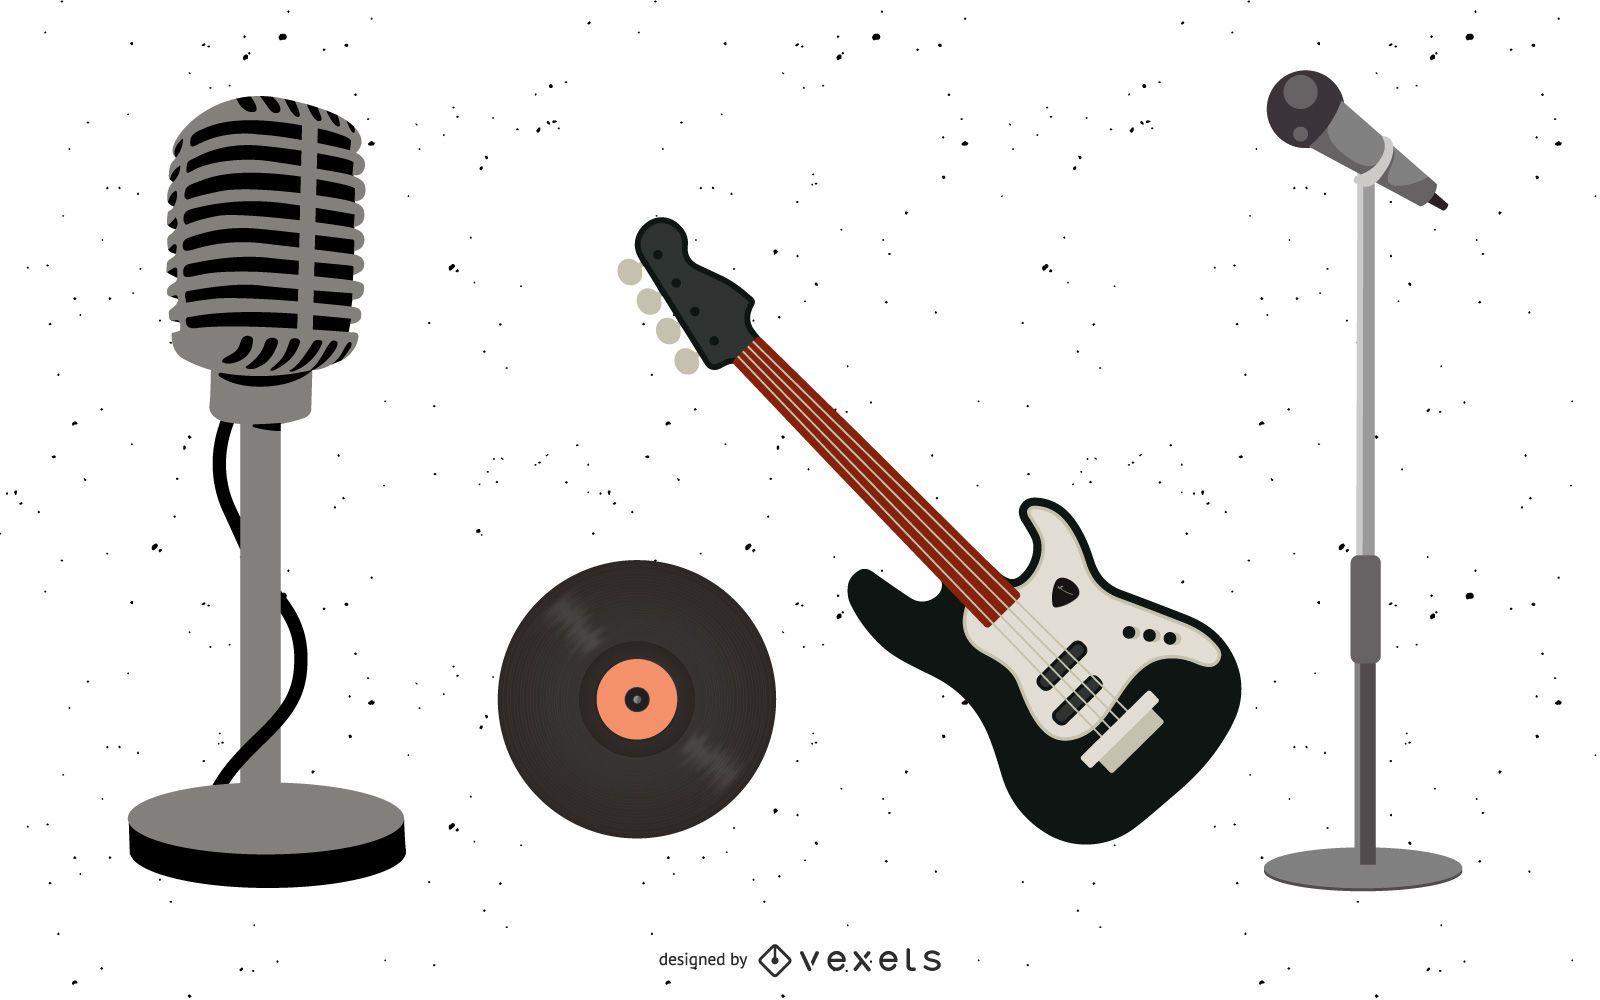 Conjunto de equipo musical